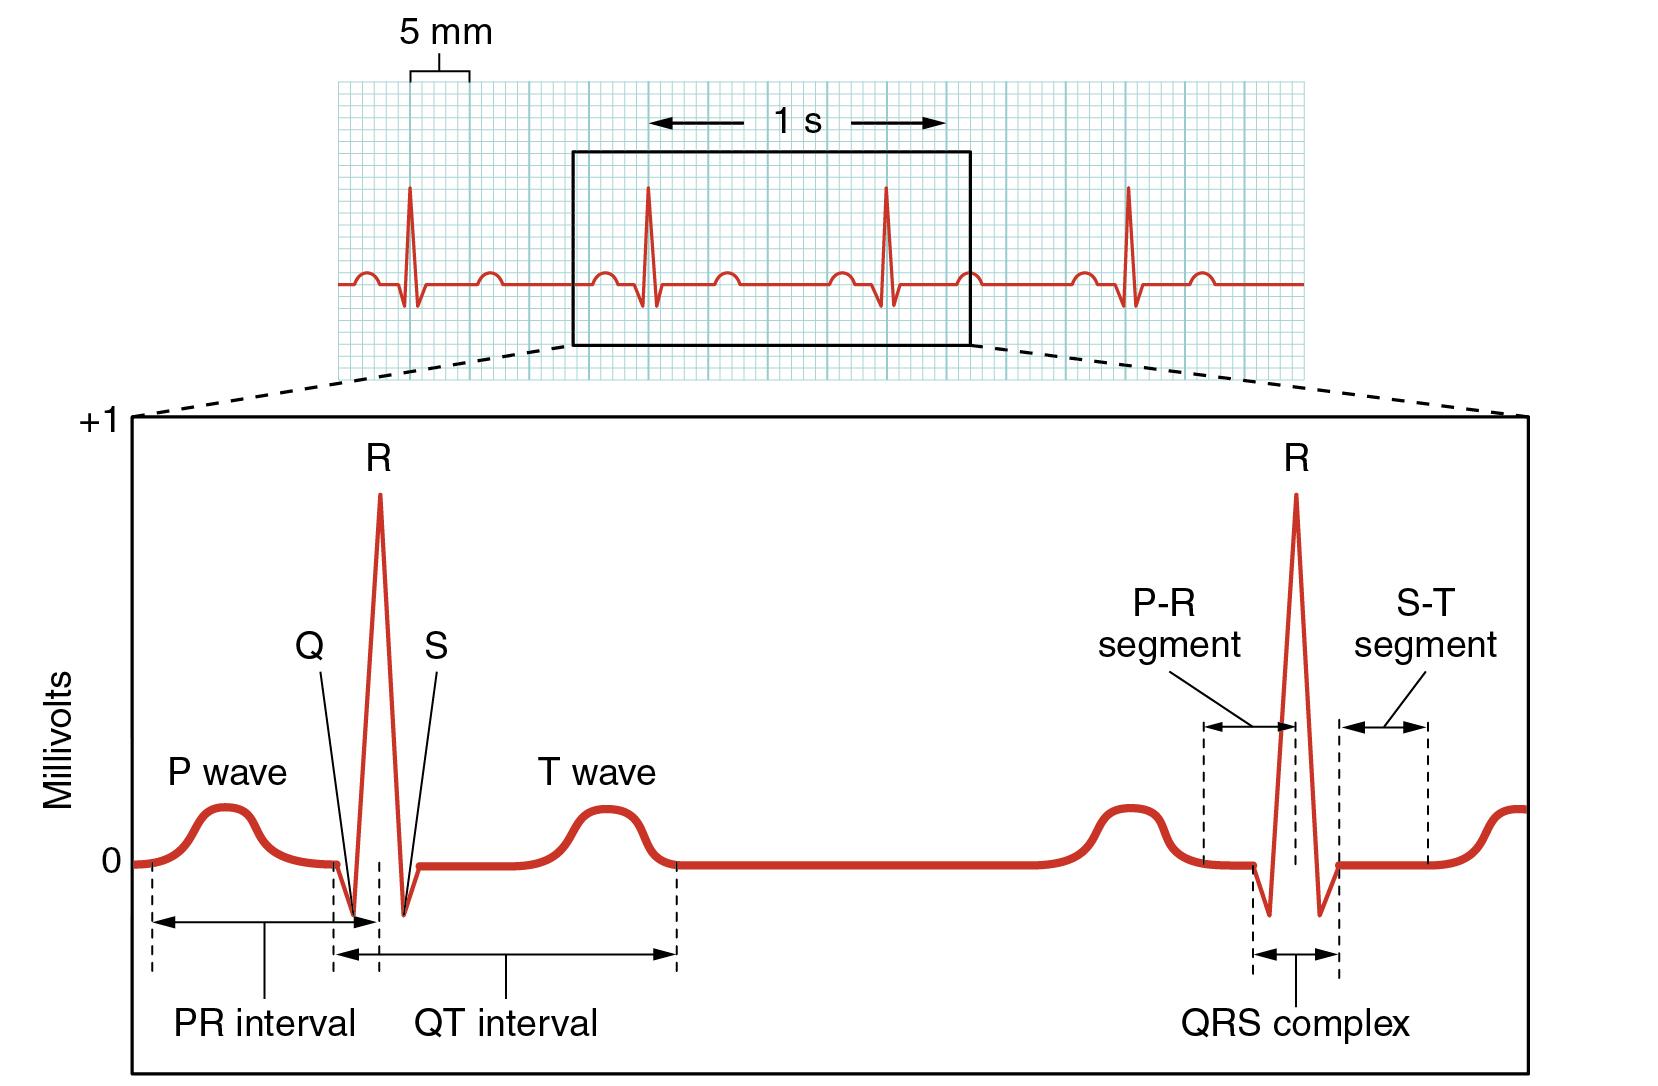 Att Ls Electrocardiogram